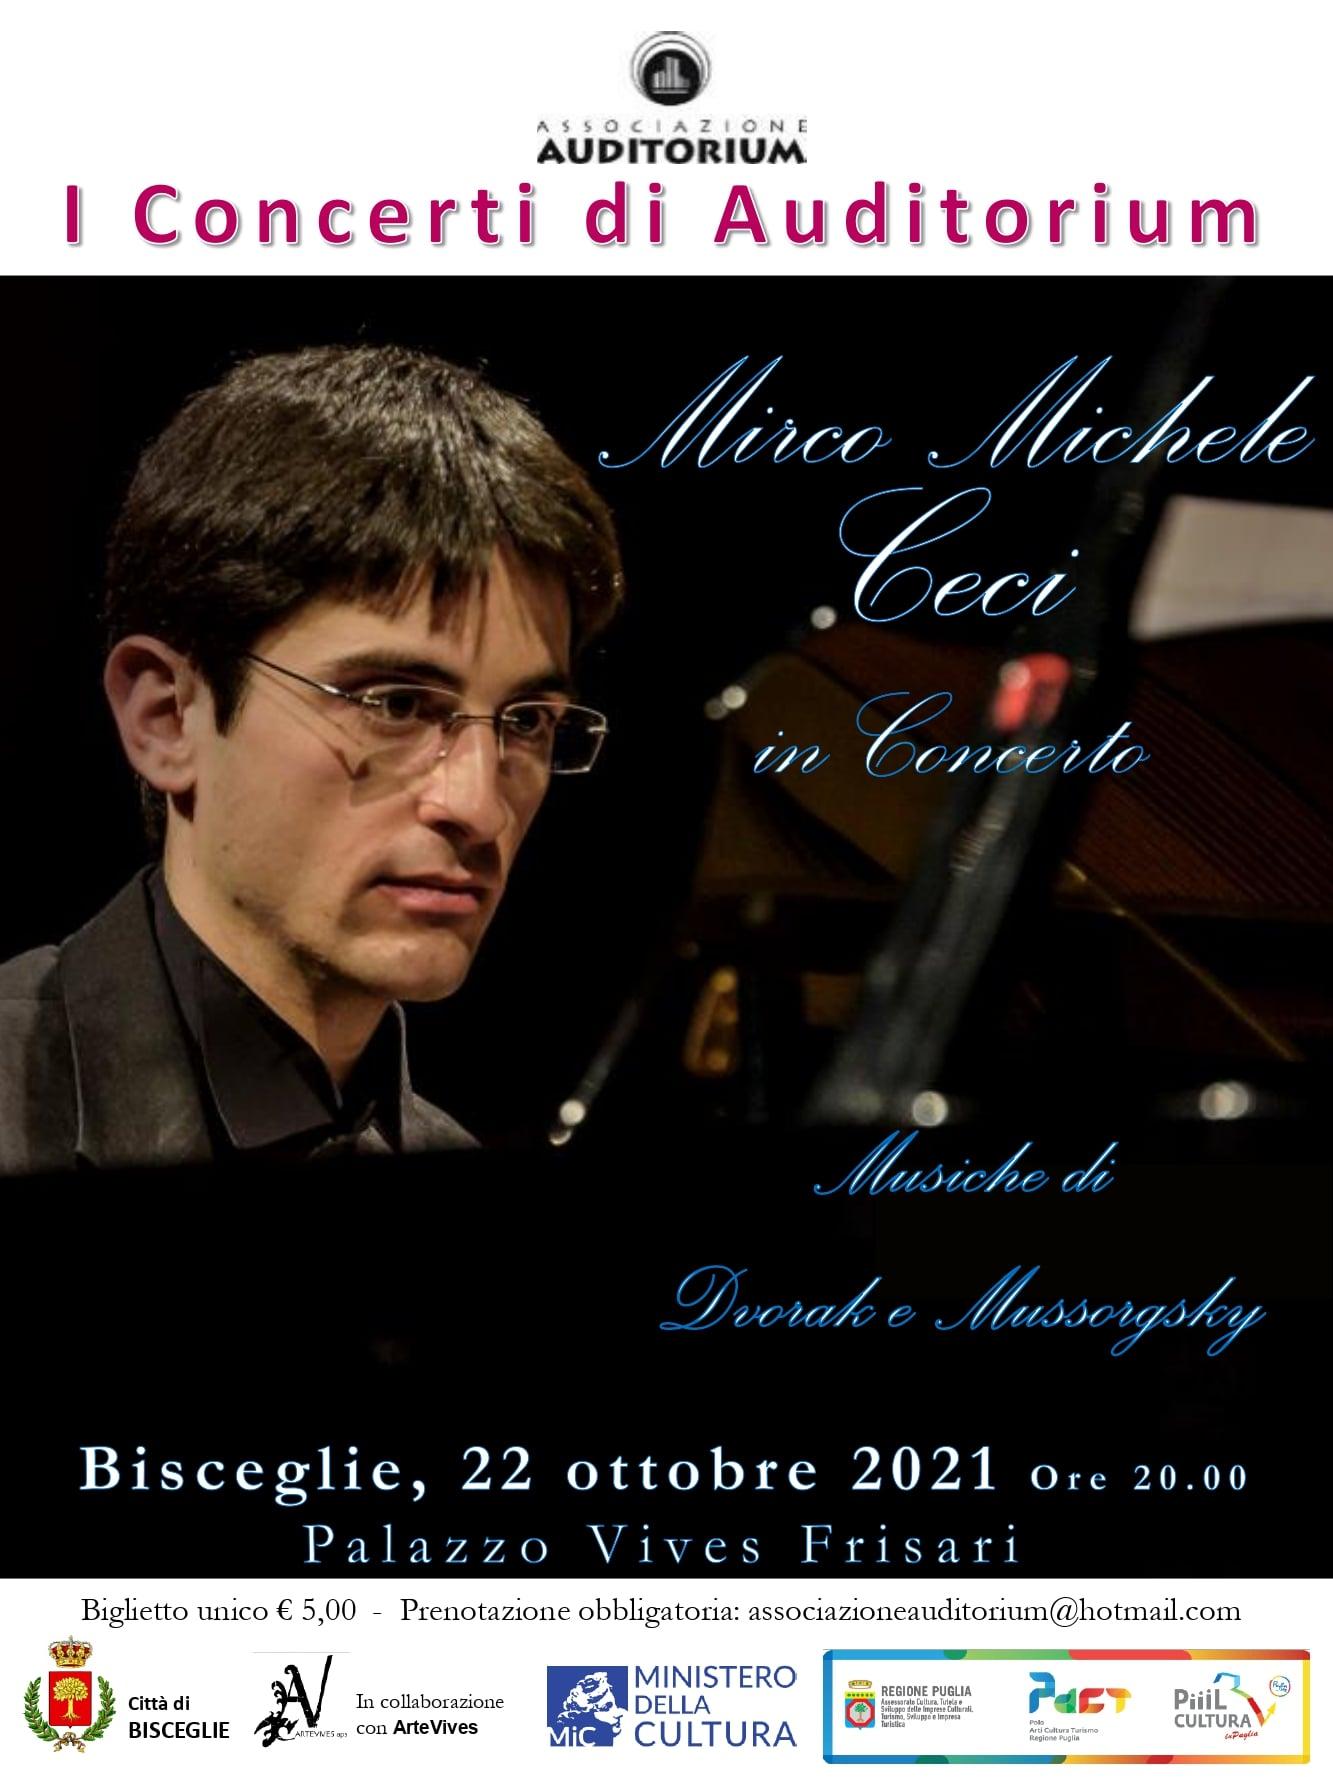 Bisceglie. Associazione Auditorium, venerdì 22 ottobre il concerto del pianista Mirco Michele Ceci a Palazzo Vives Frisari